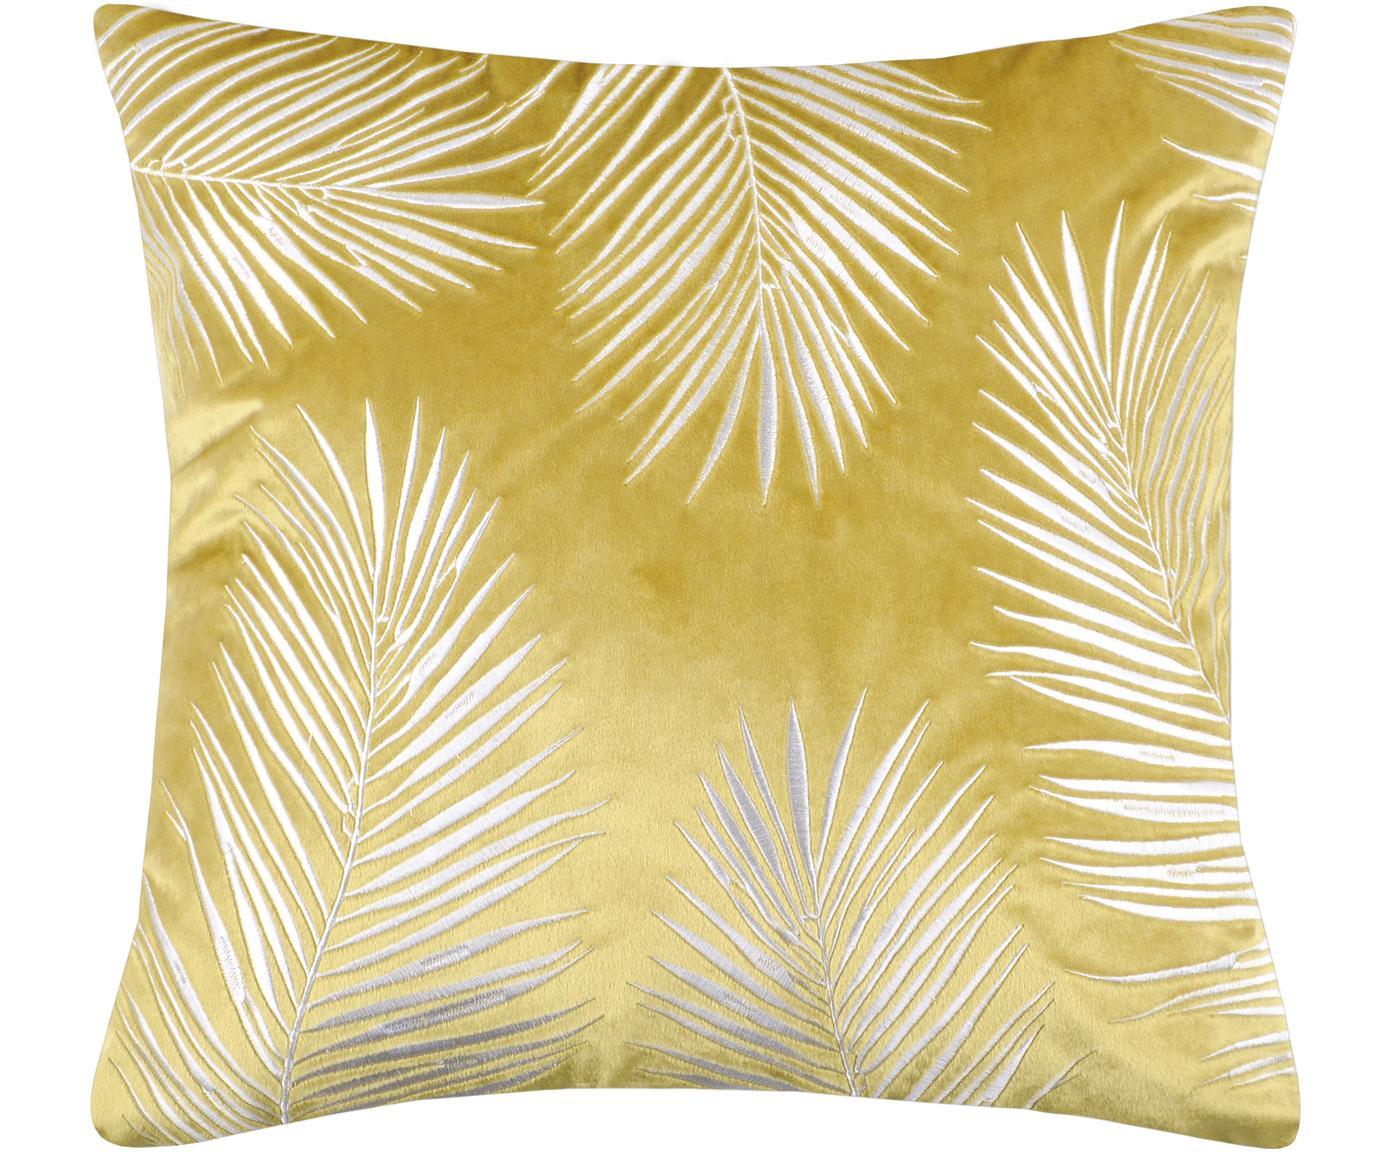 Poszewka na poduszkę z aksamitu Ibarra, Poliester, Żółty, biały, S 45 x D 45 cm